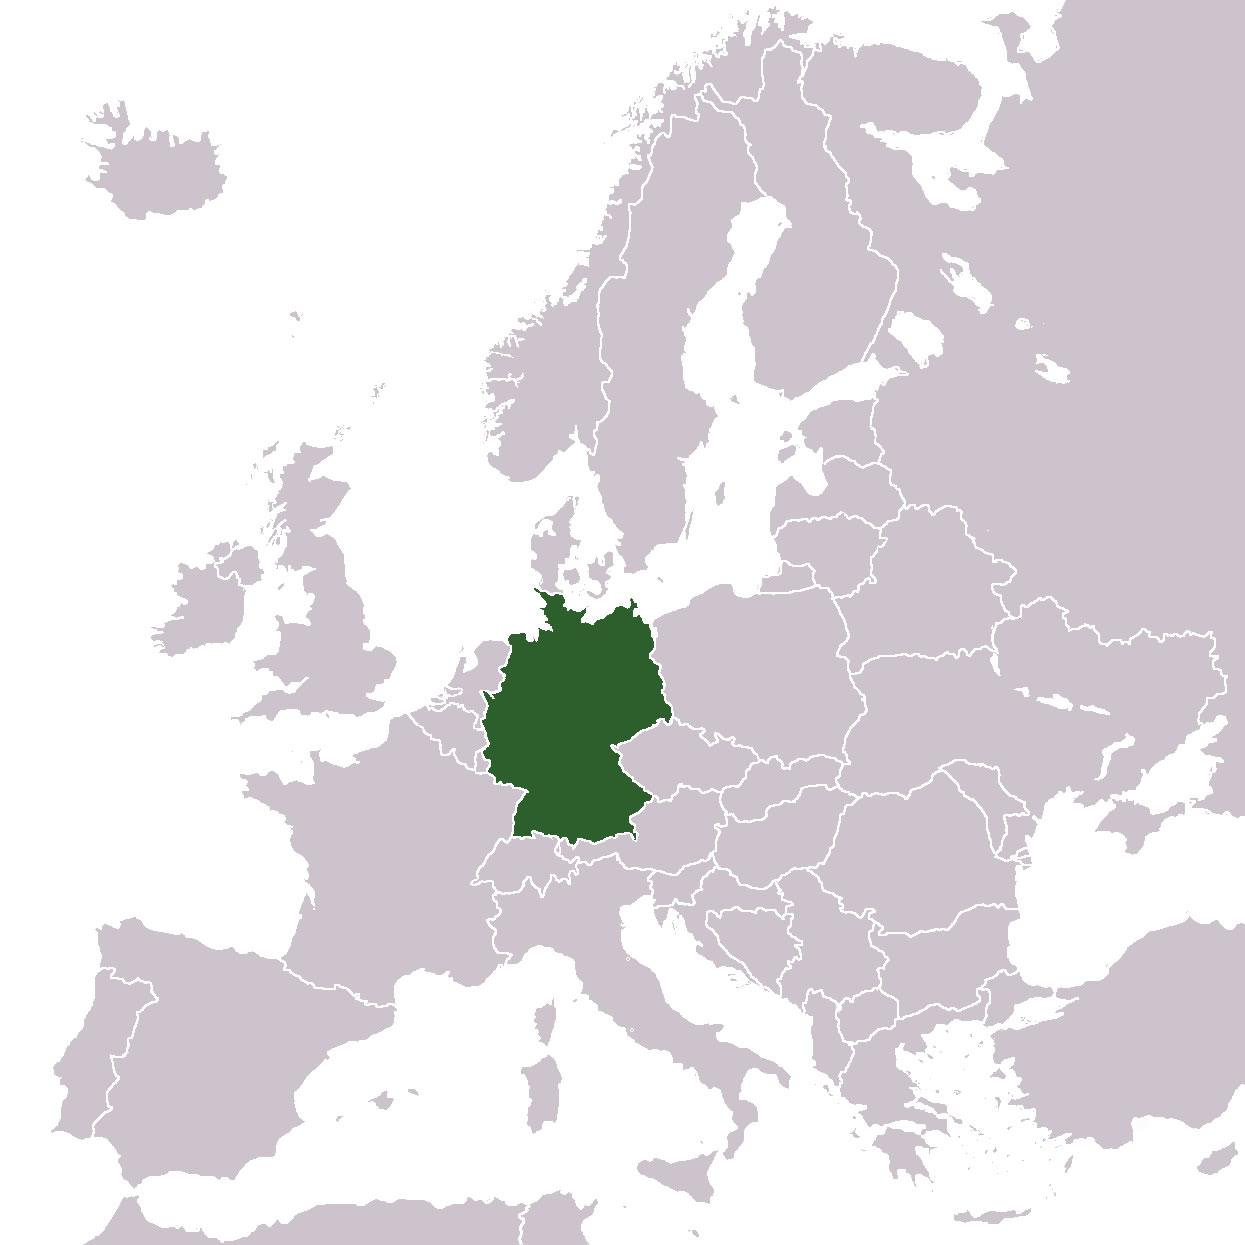 Carte Du Monde Allemagne.Situer Allemagne Sur Carte Du Monde Situer Pays De L